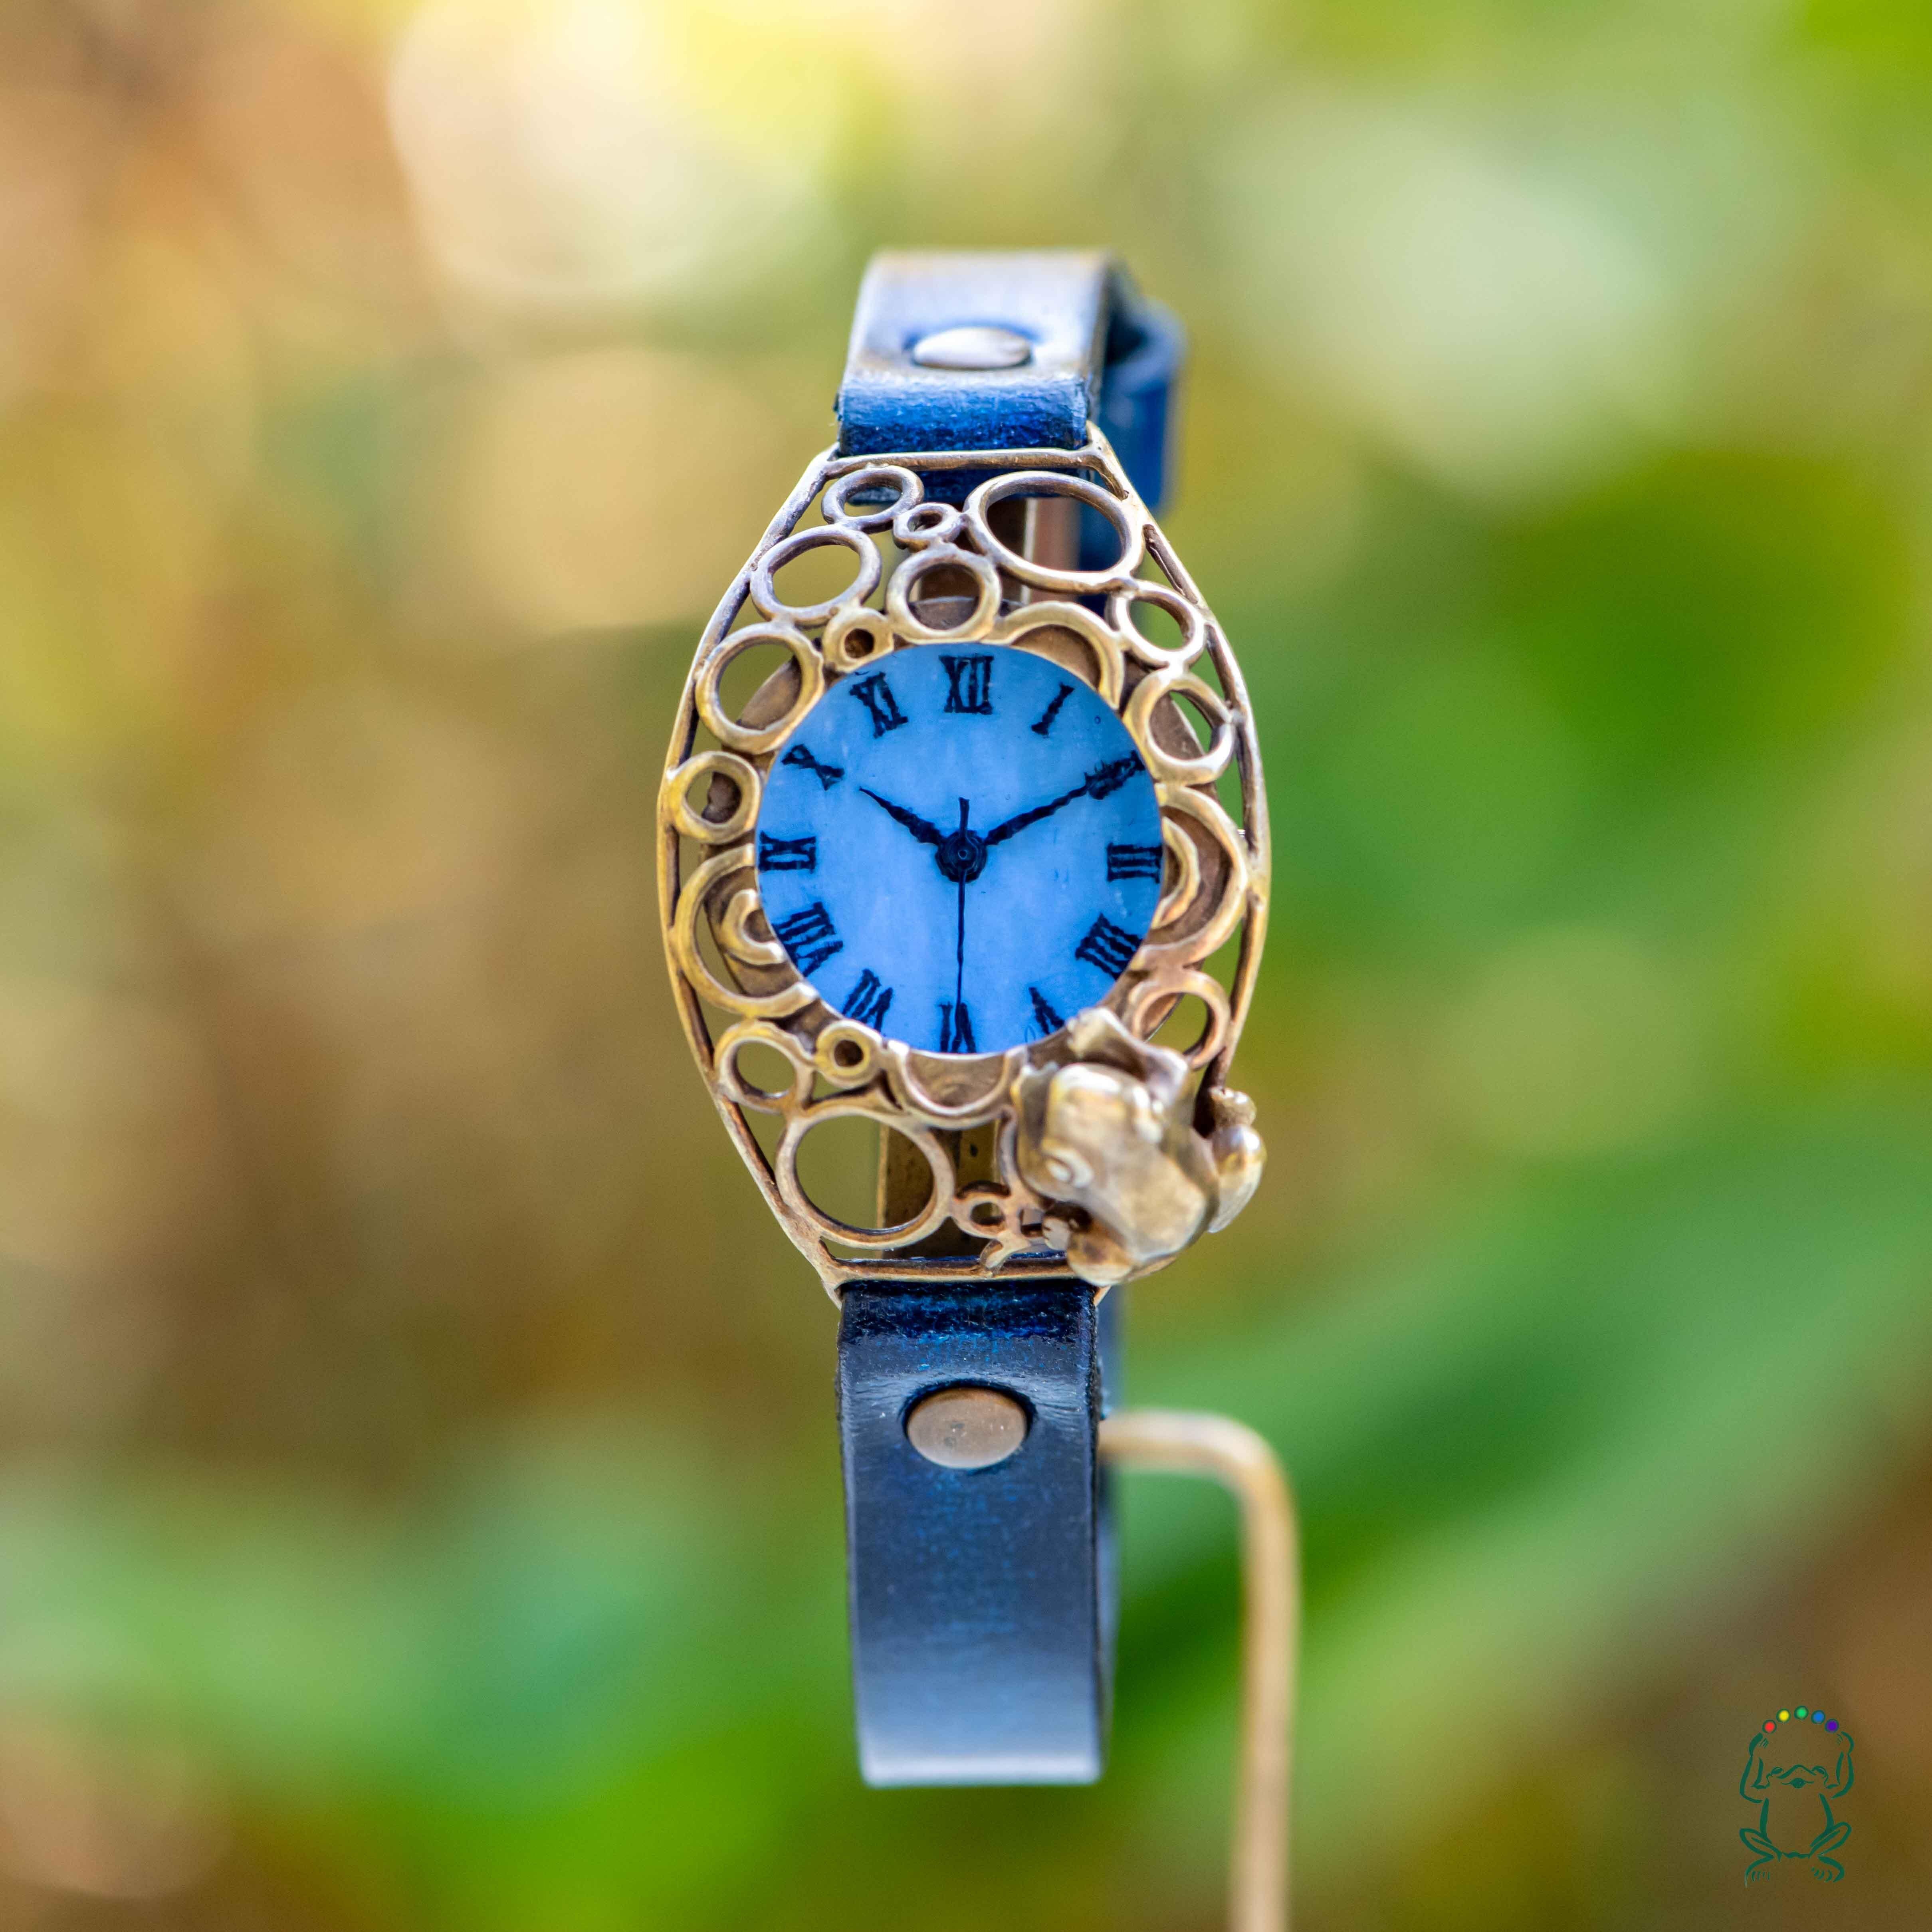 水泡立つ池をのぞく蛙腕時計Sパステルブルー